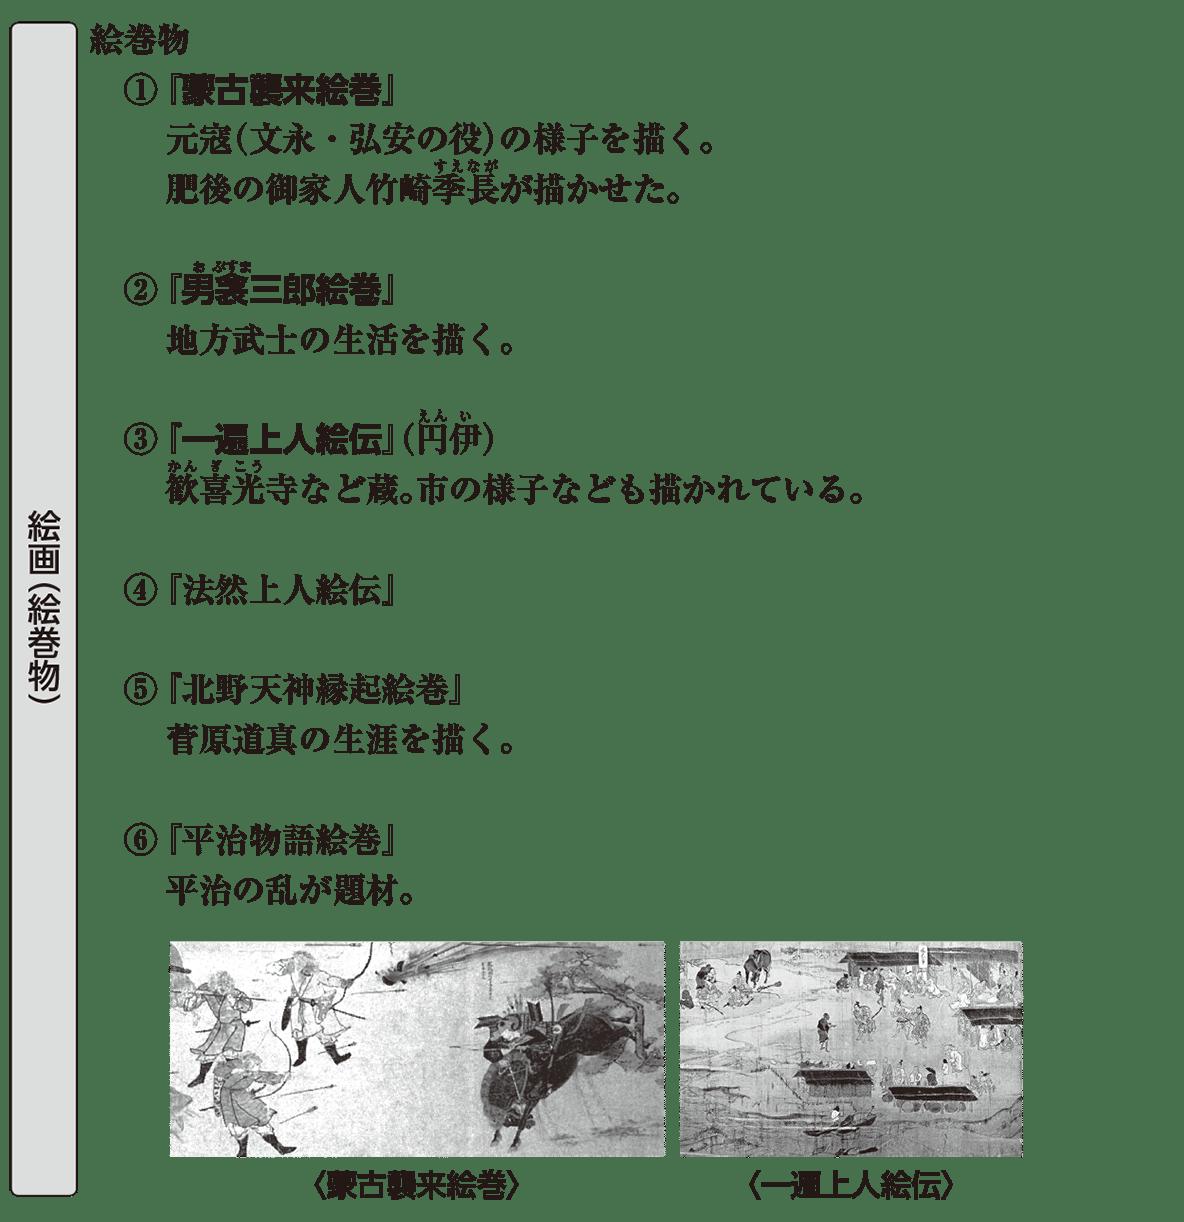 中世の文化13 ポイント1 絵画(絵巻物)